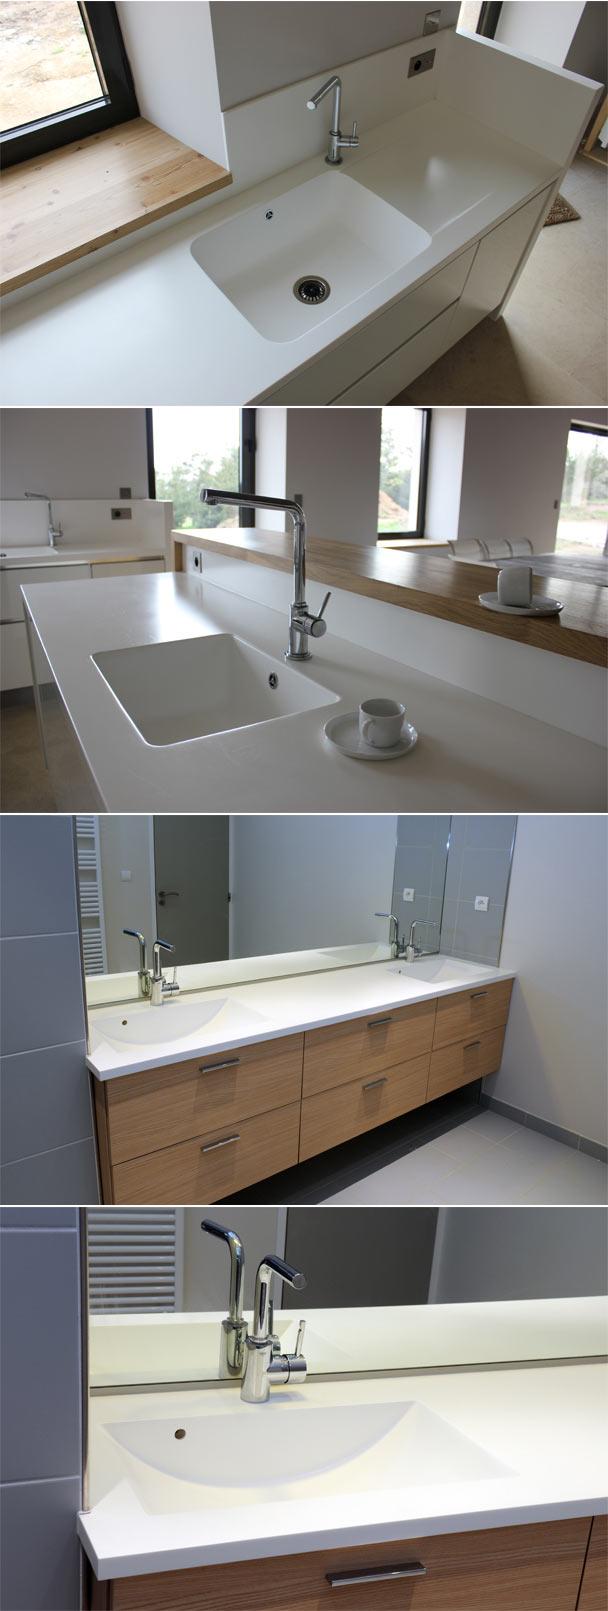 Cuisine - Salle de bains